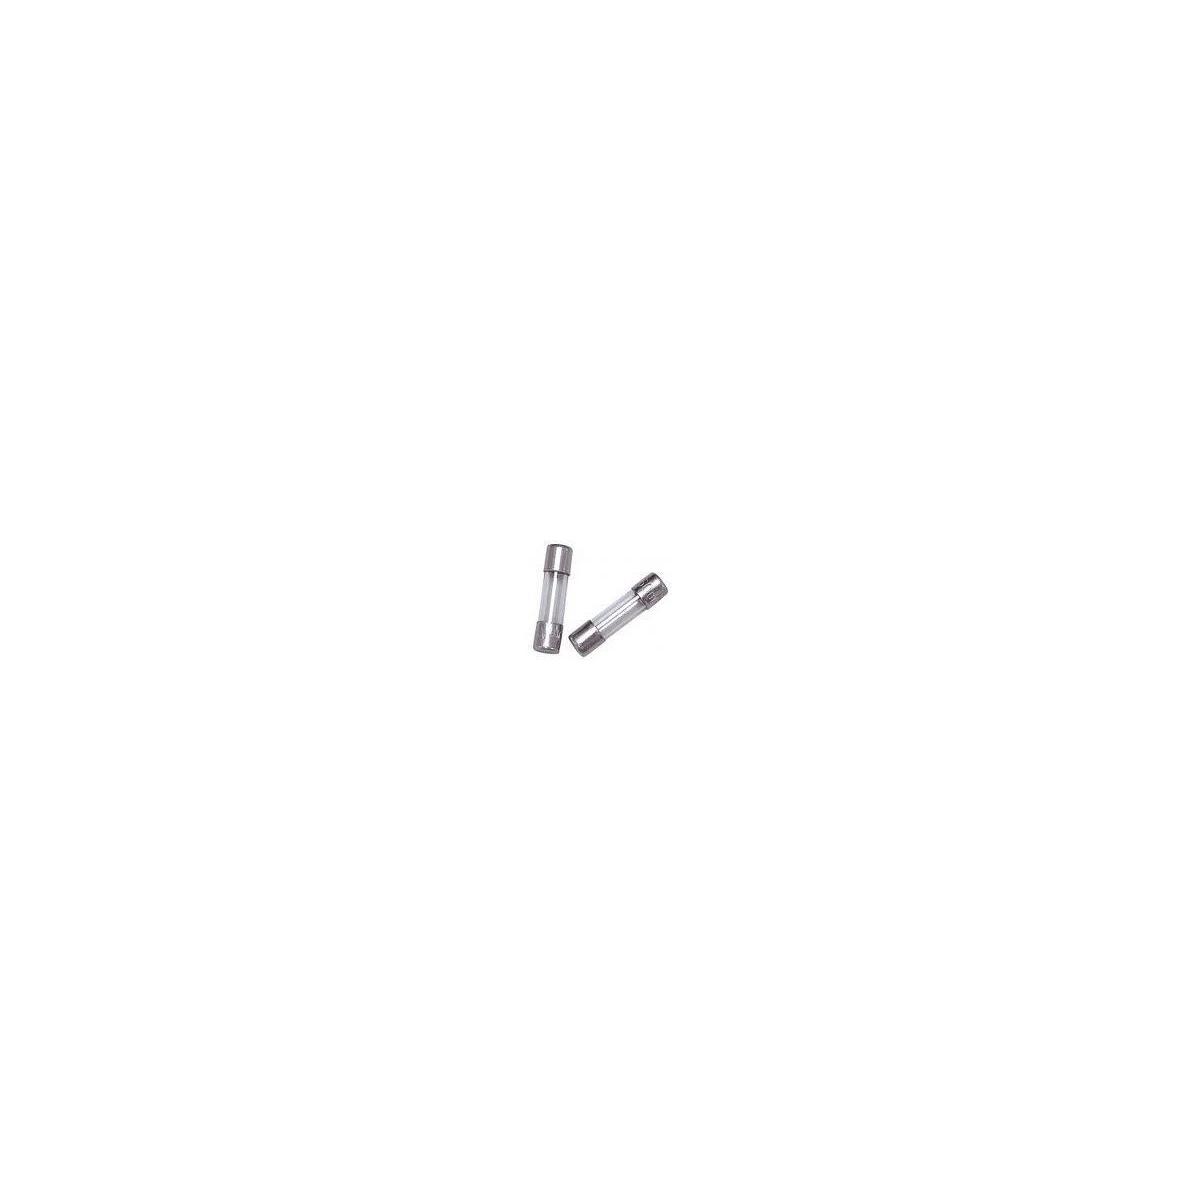 FUSIVEL - F RAPIDO 5X20MM (PACOTE COM 10 UNIDADES )-20A